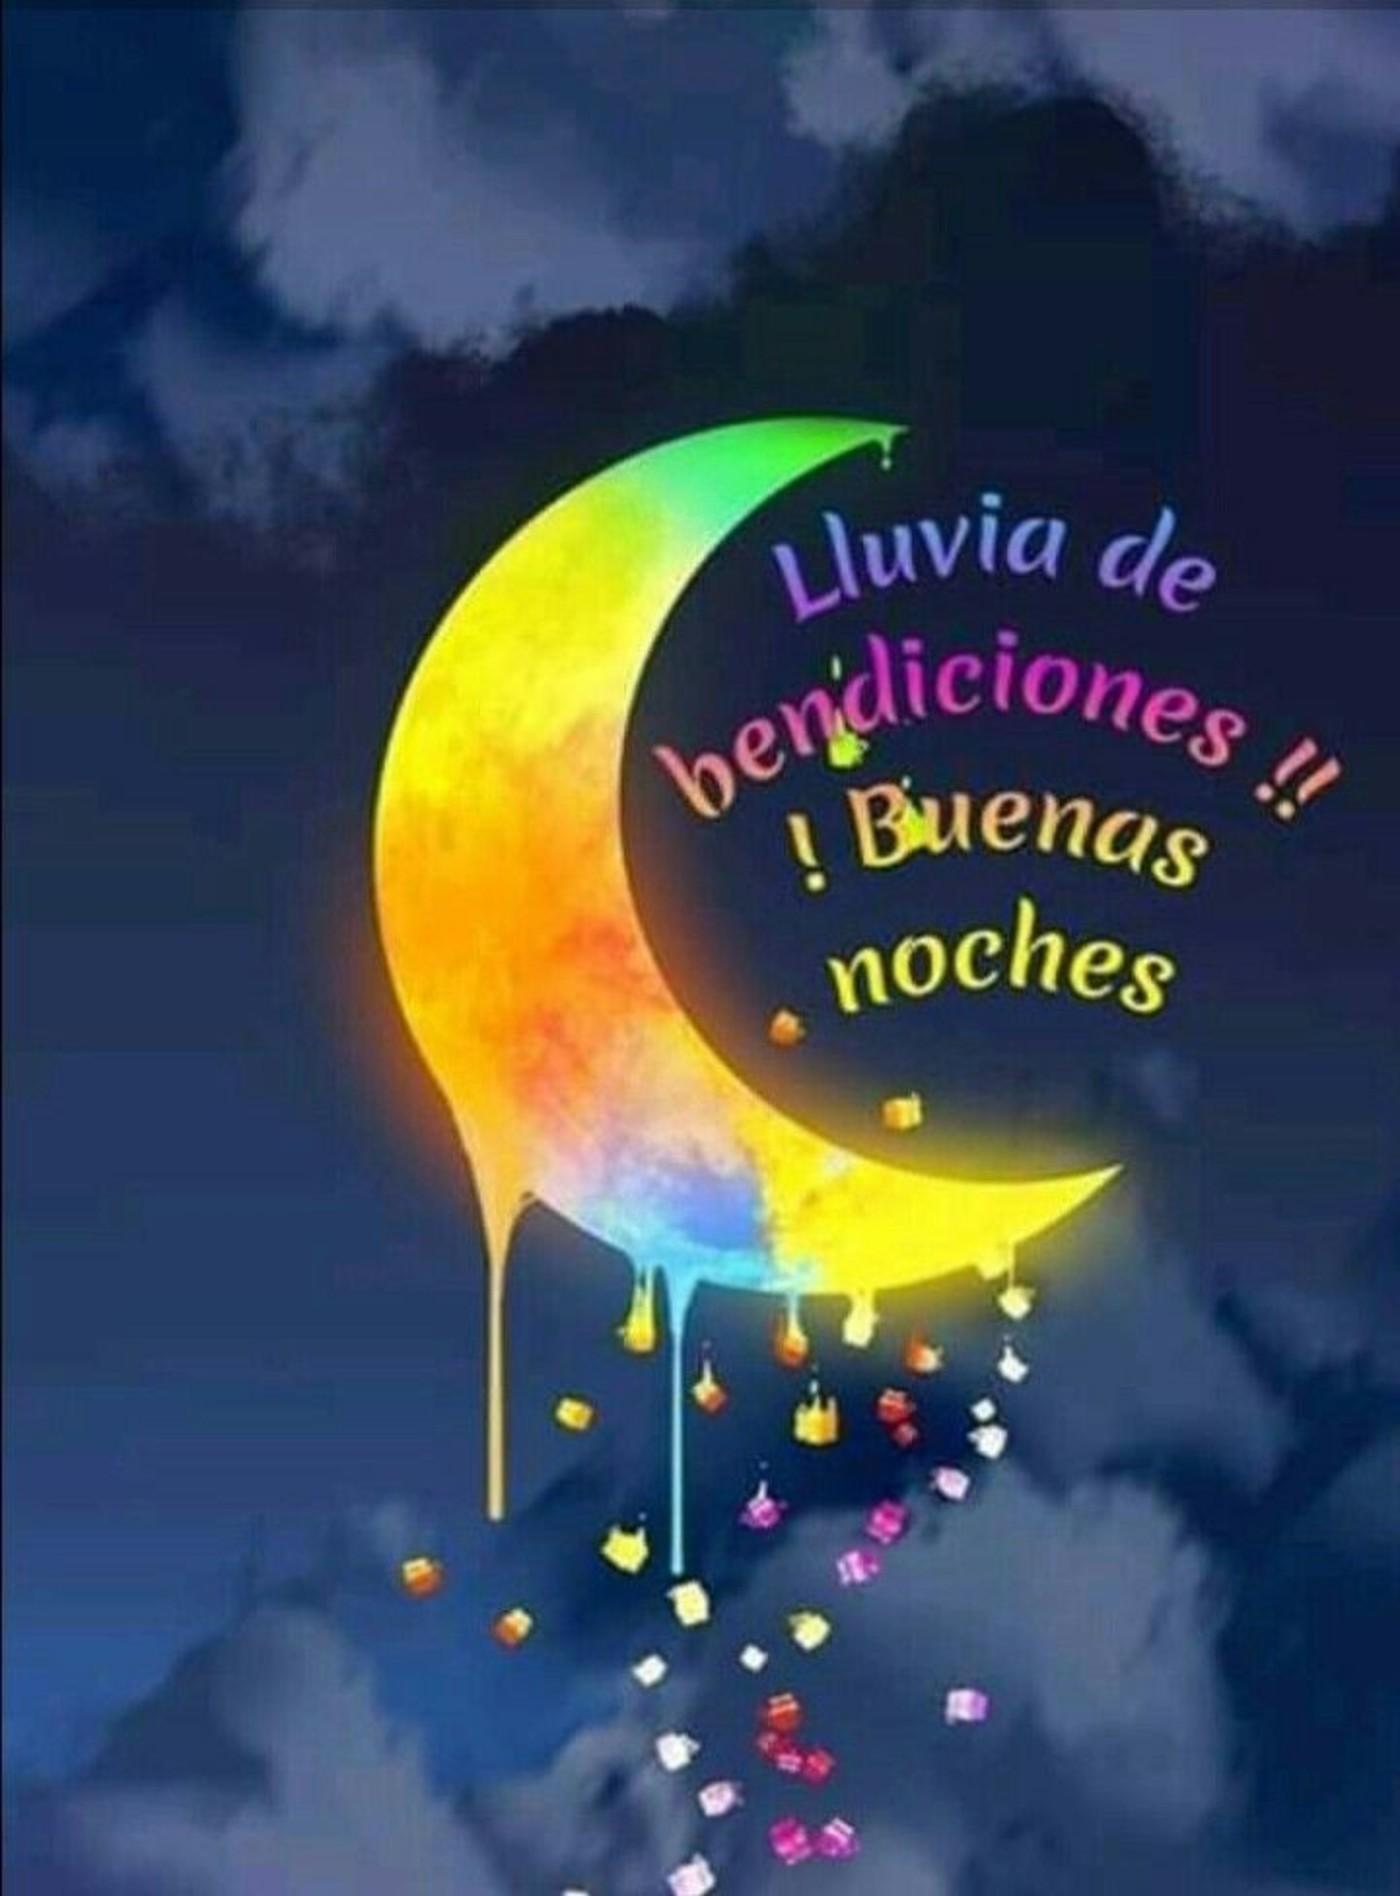 lluvia de bendiciones!! Buenas Noches